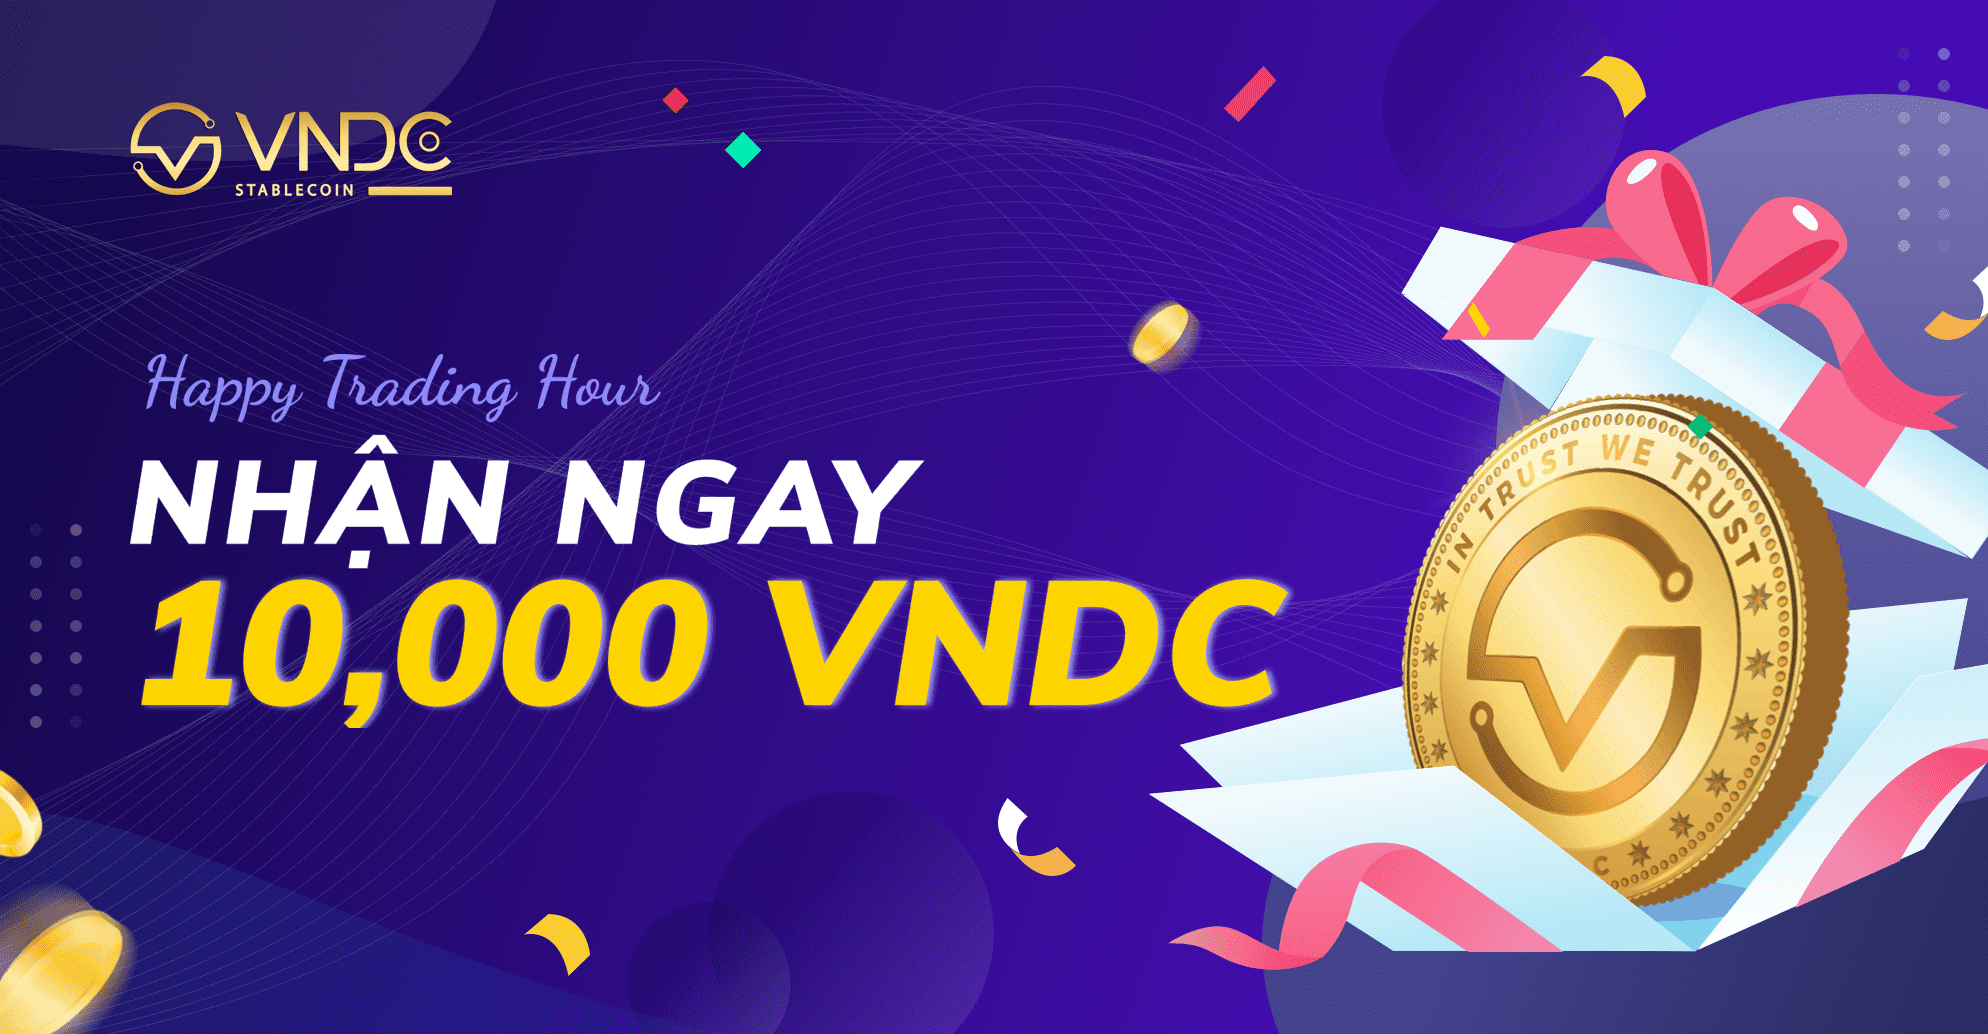 Giao dịch Nami Futures: Nhận ngay 10.000 VNDC mỗi ngày